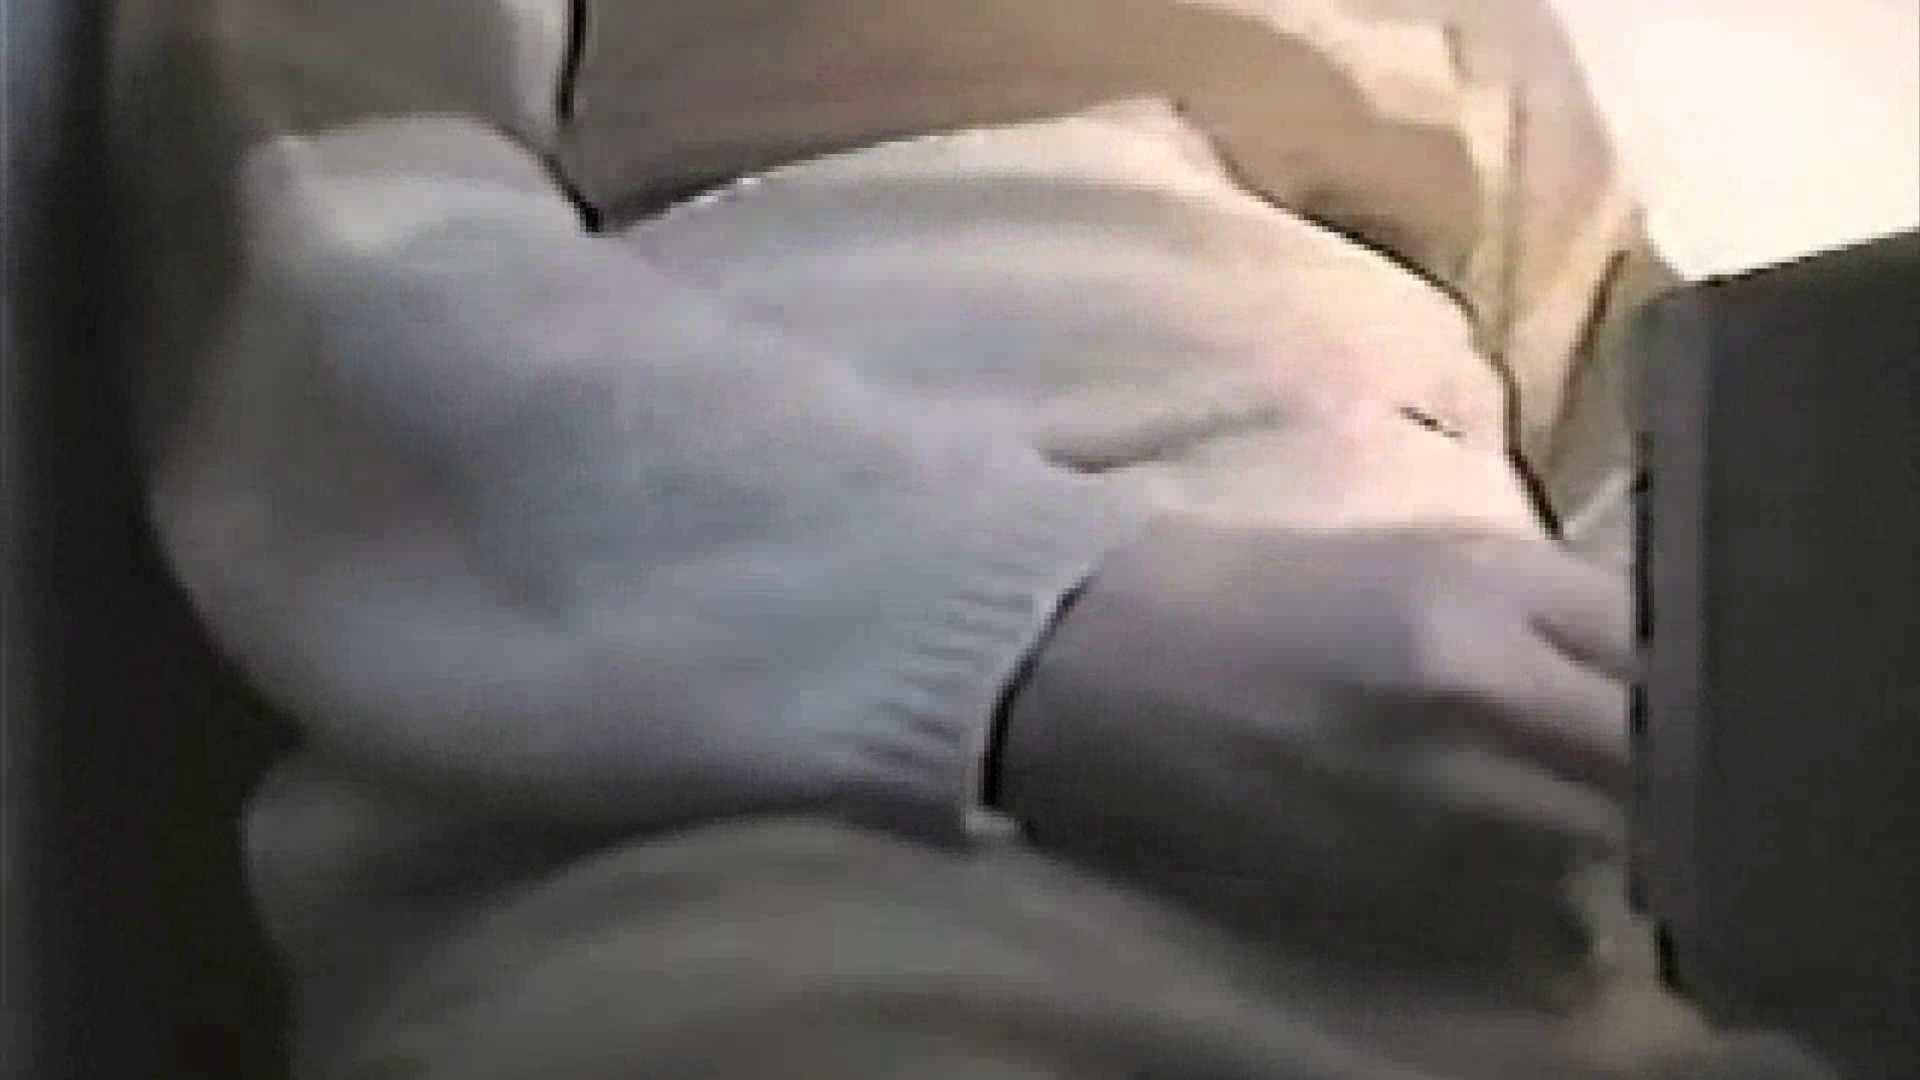 オナニーでほえろ なんじゃこりゃぁあ!!Vol.06前編 オナニー特集 | ボーイズ私服  97pic 91